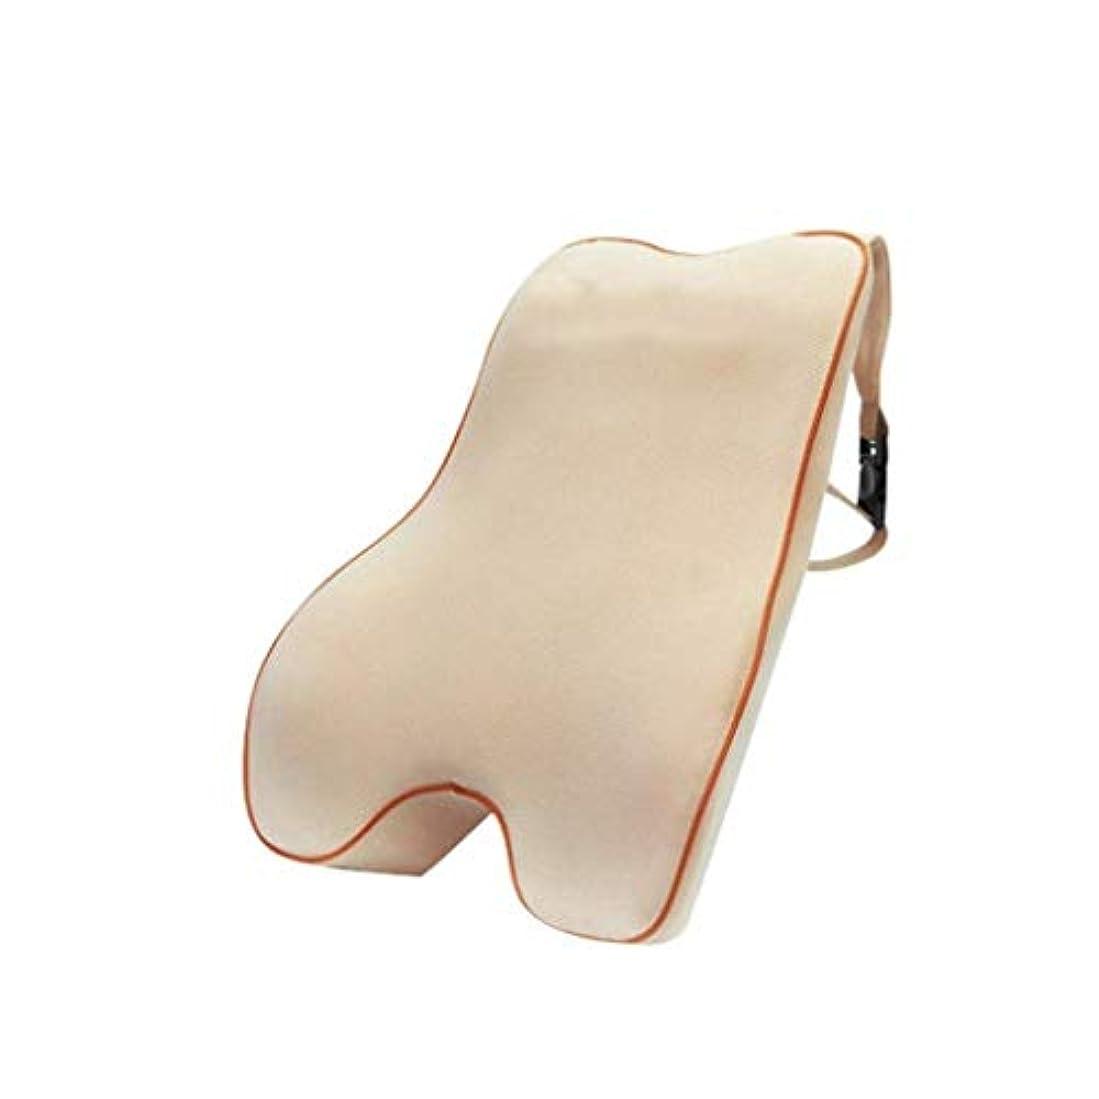 ベール波紋物理的に腰椎枕 - 100%低反発腰椎クッション - ポータブル枕 - 整形外科用ウエストサポート枕 - 車のオフィスチェア - 長距離運転オフィスに適した腰痛緩和